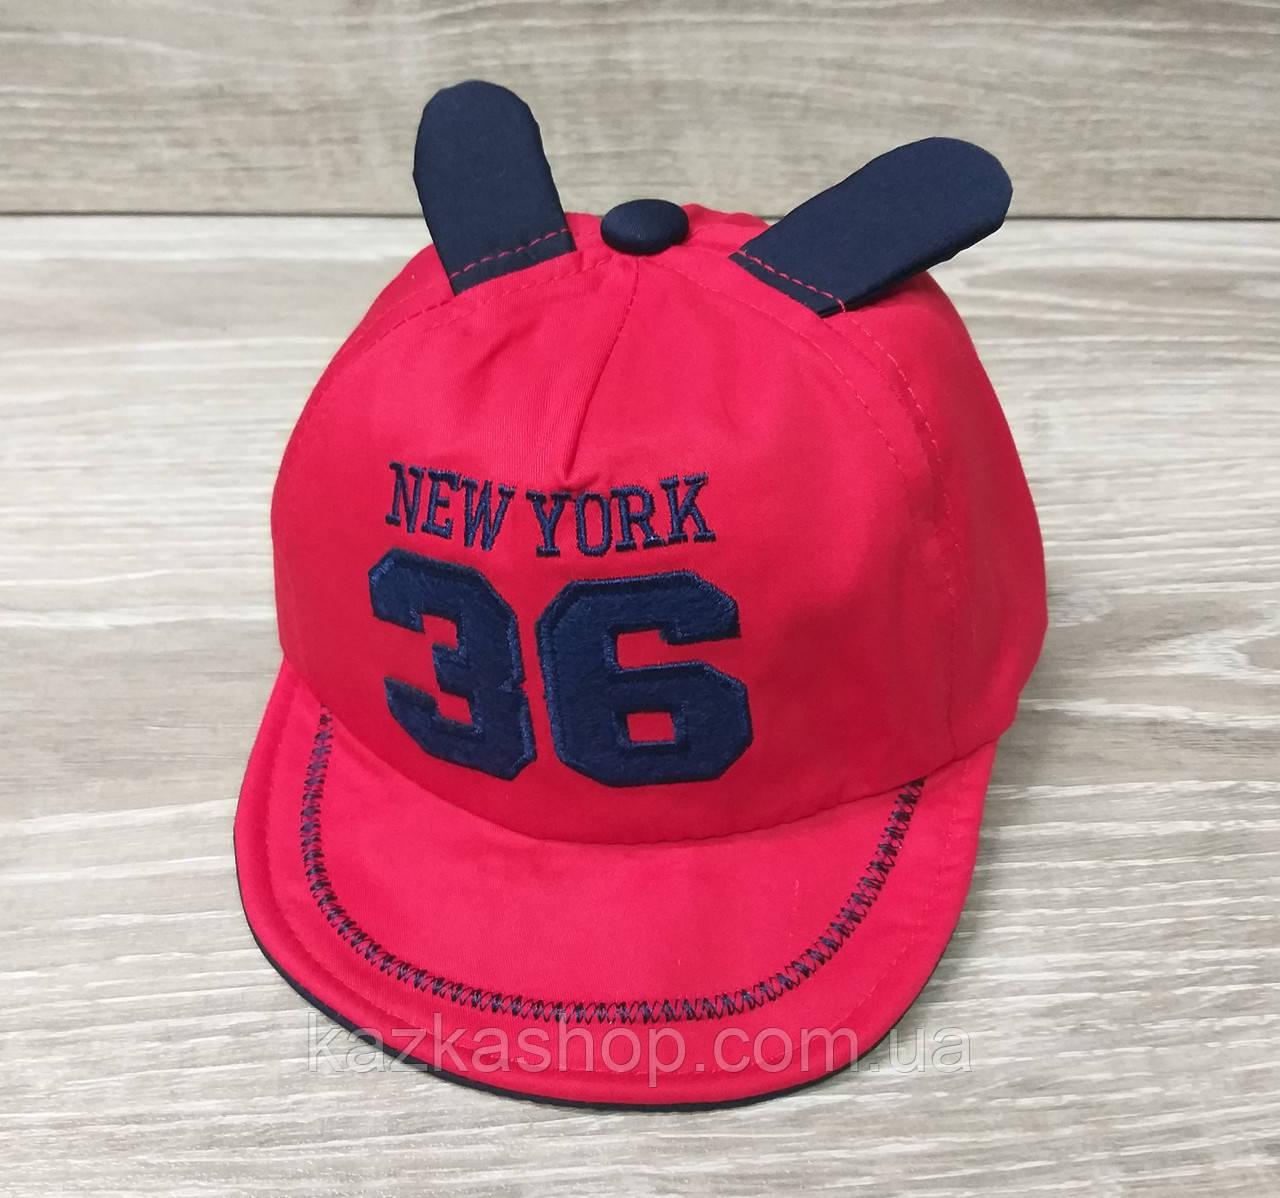 Детская кепка для мальчиков с вышивкой и ушками материал коттон, сезон весна-лето, на регуляторе, размер 46-48